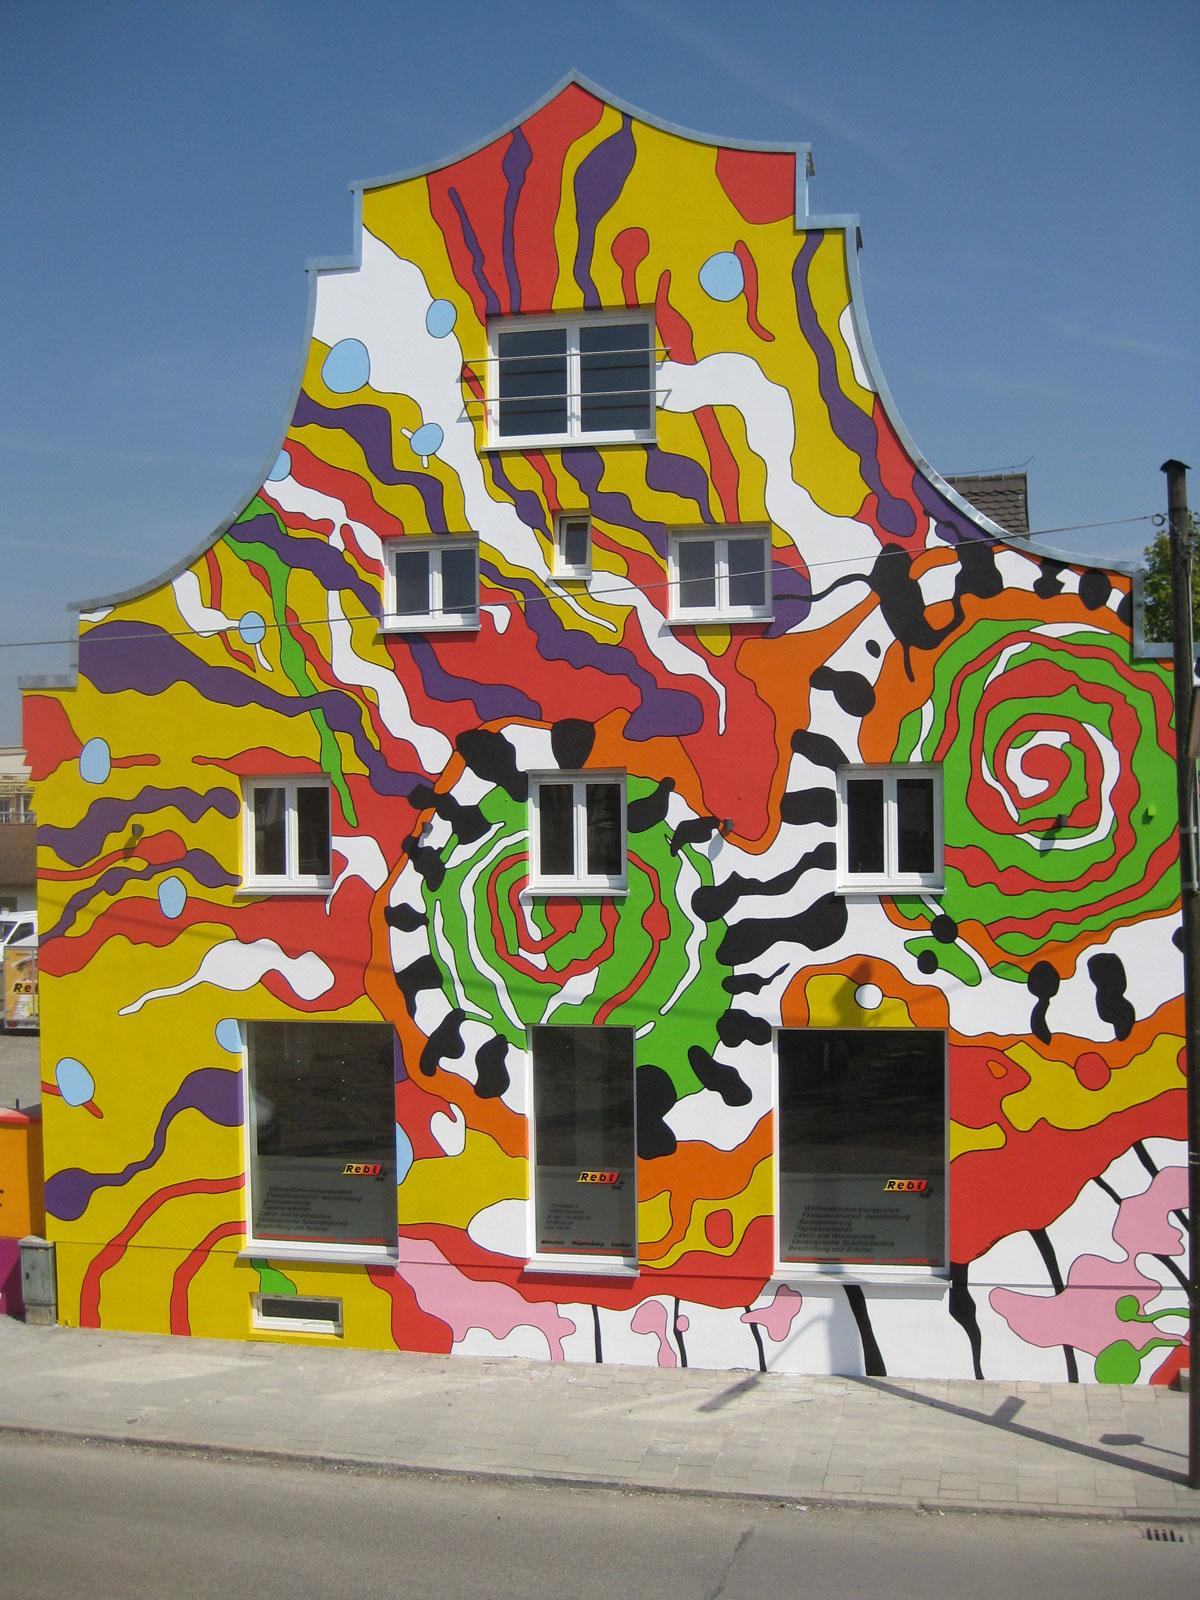 Fassadenkunst mit überdimensionalem, abstrakten Gesicht